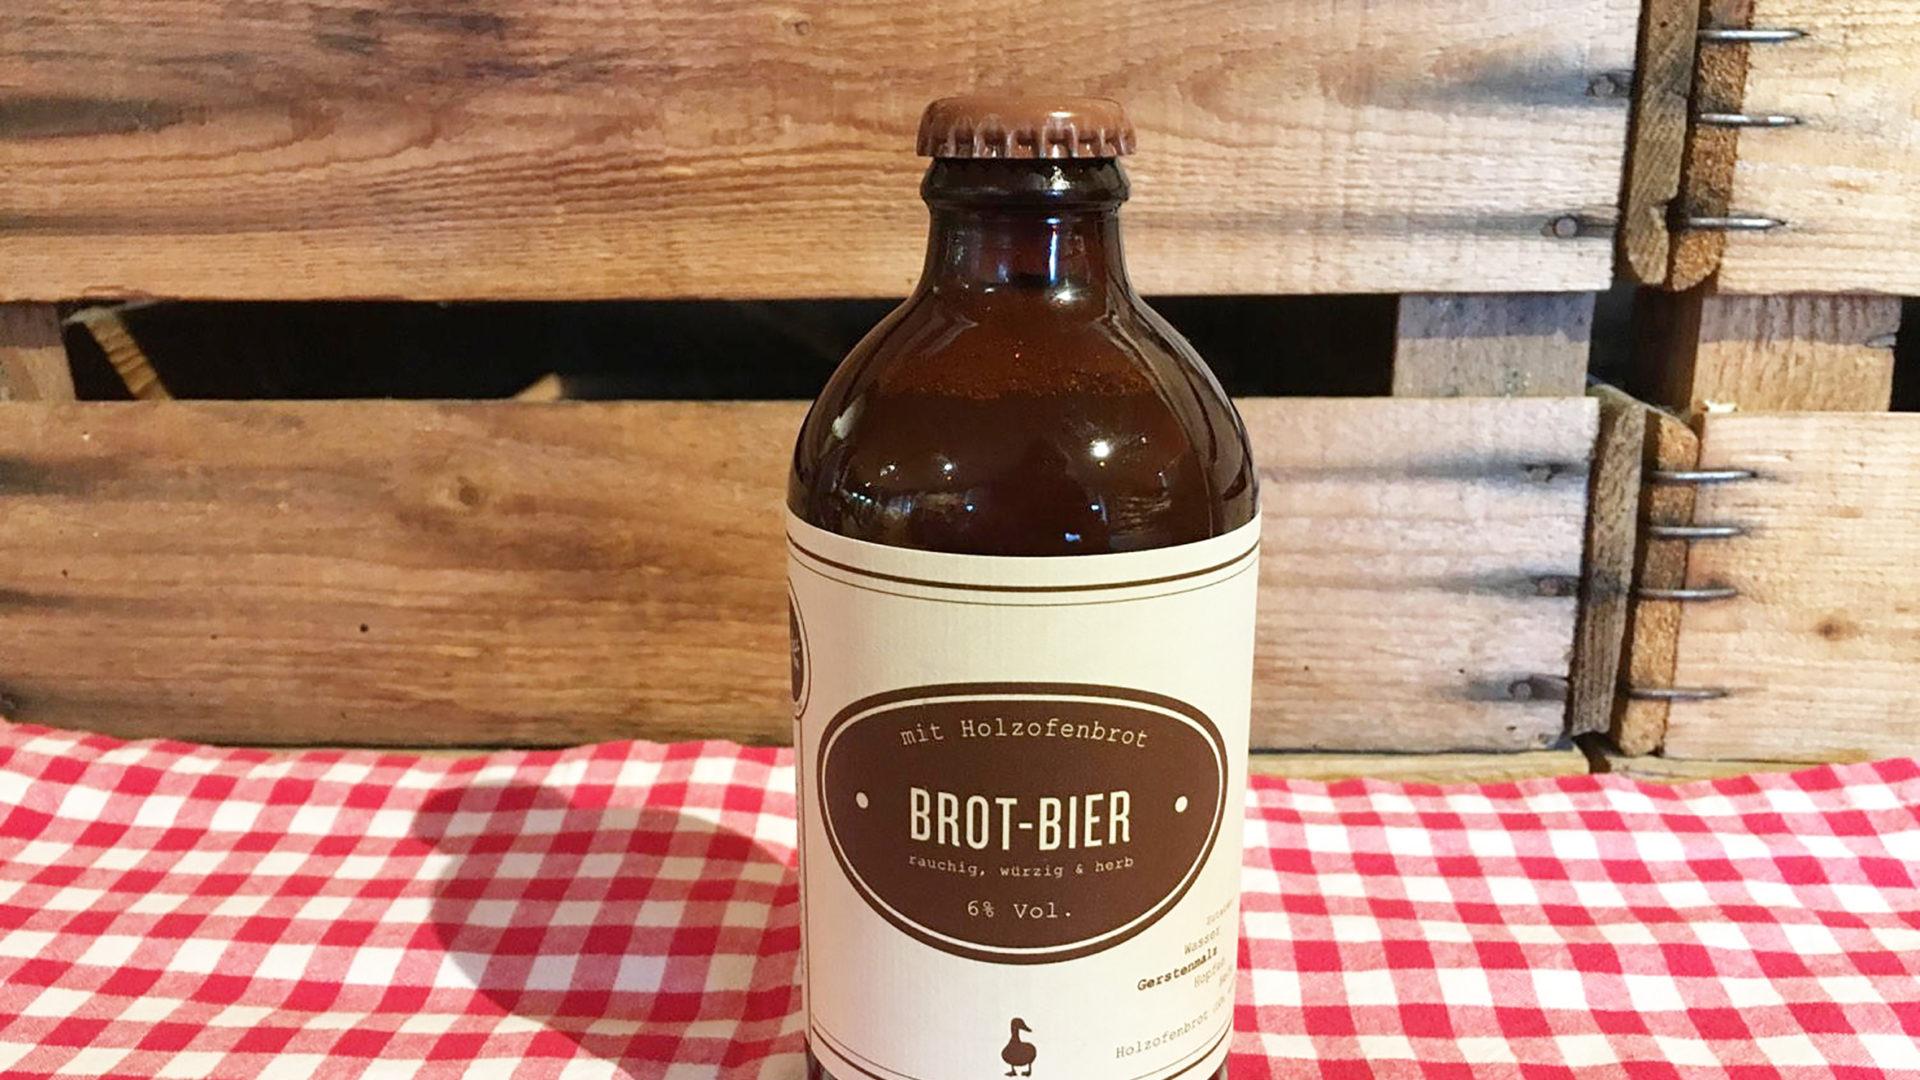 Bier Aus Holzofenbrot